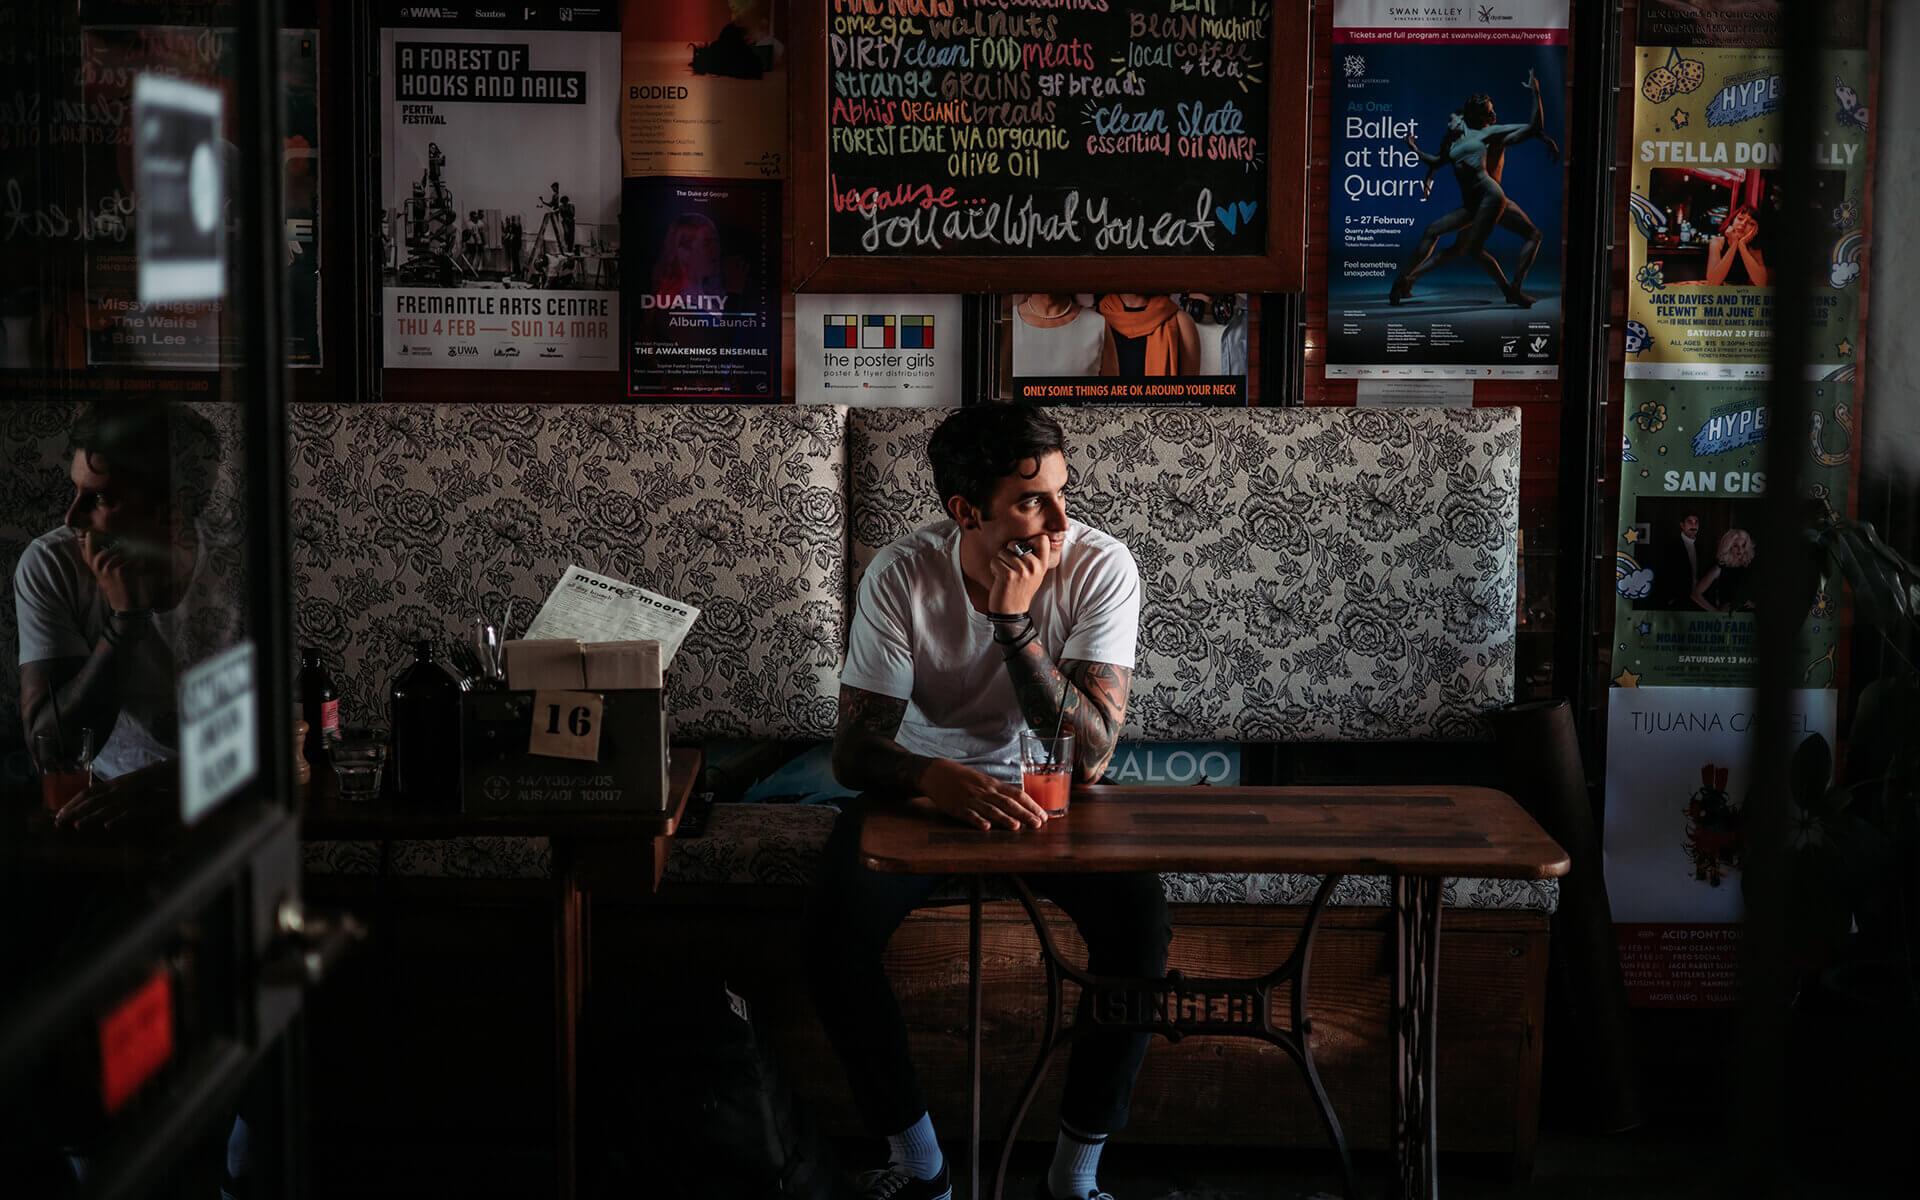 Morgan nesbitt - perth branding photographer, wa